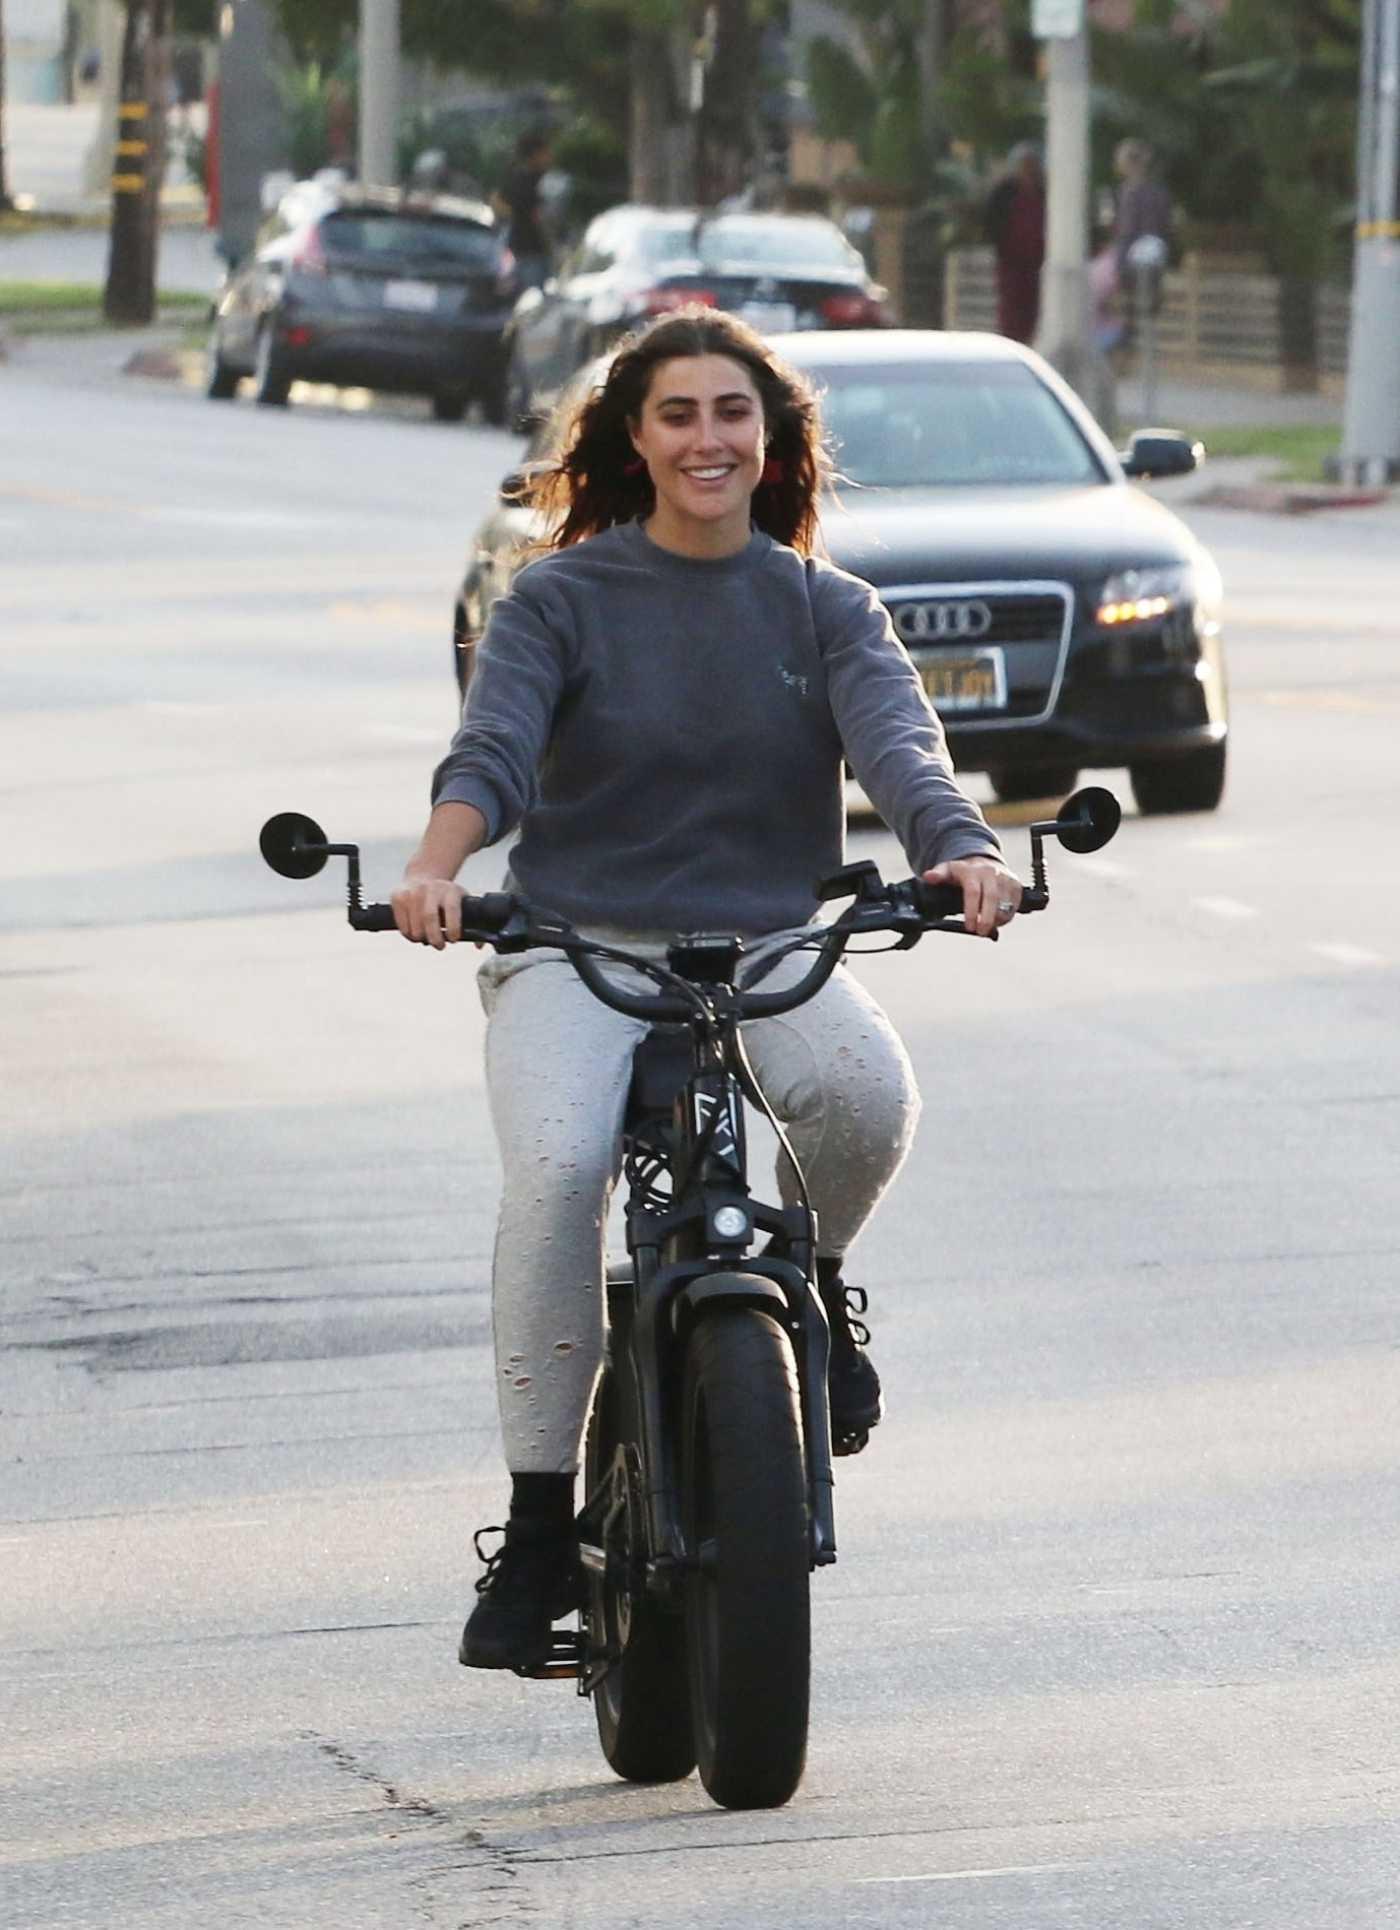 Emma Slater in a Gray Sweatshirt Does a Bike Ride in Los Angeles 05/07/2020